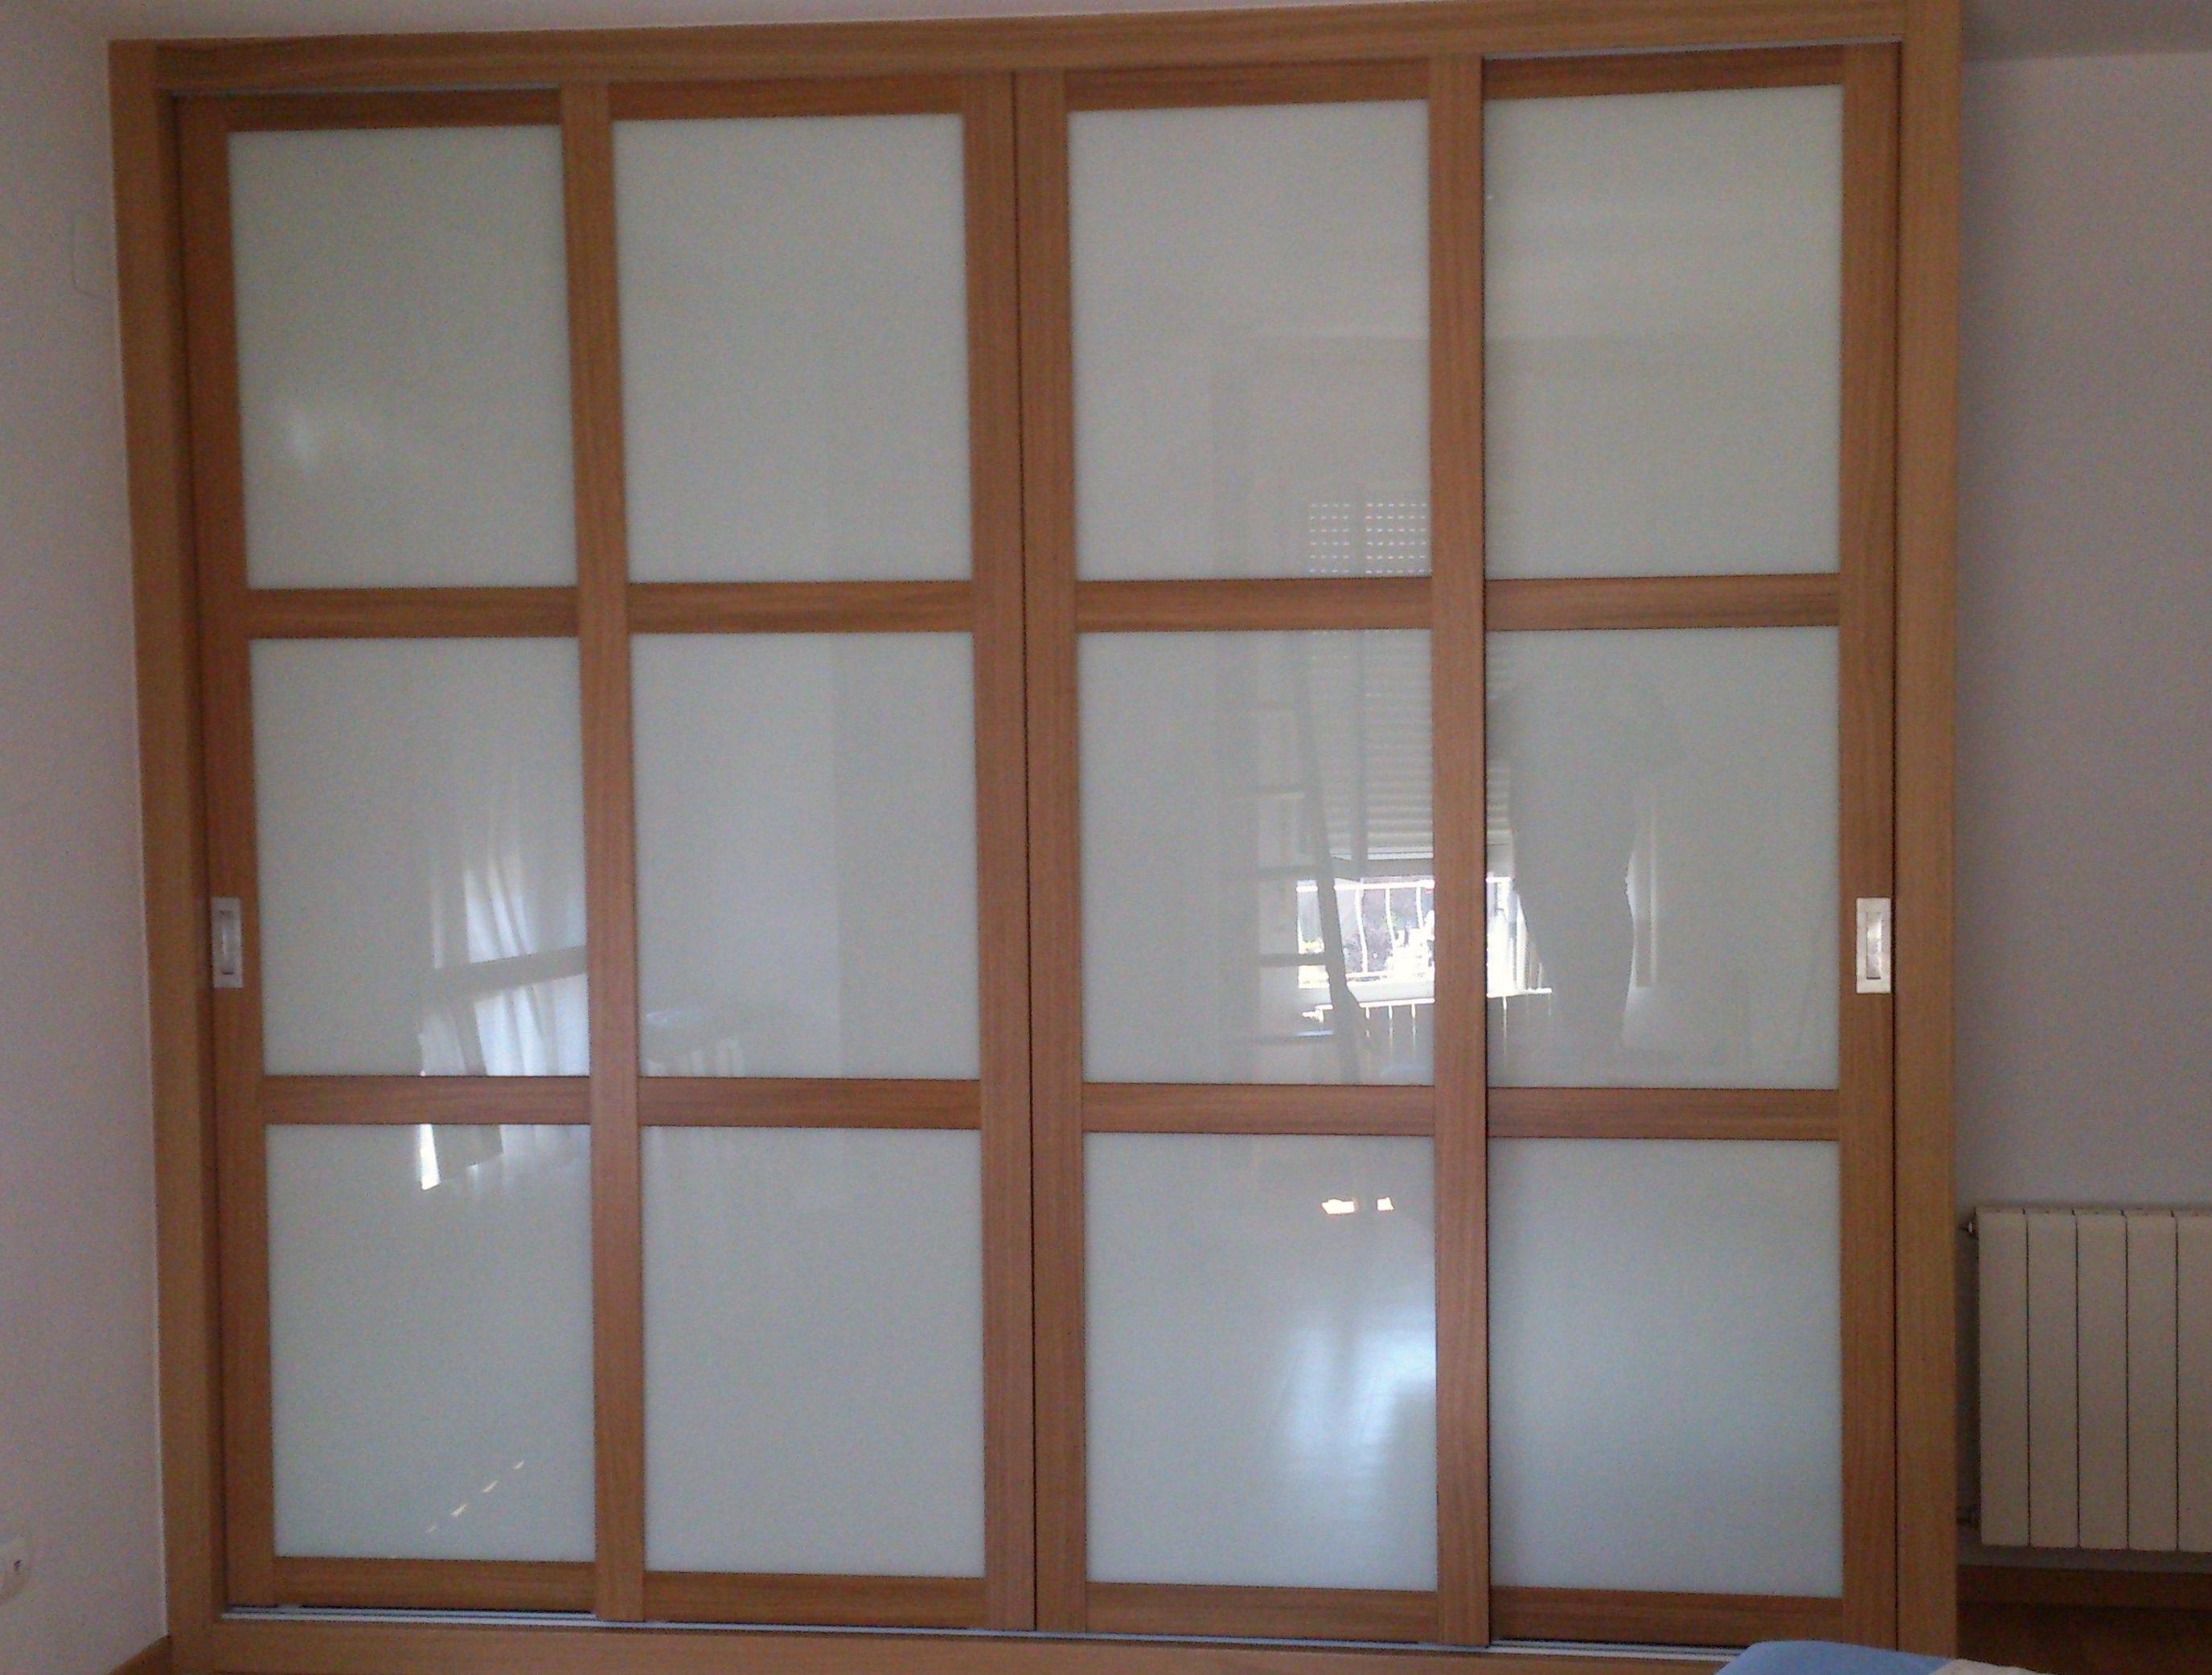 Frente de 4 puertas correderas Mod. Elegance en Roble y cristal Lacobel Blanco